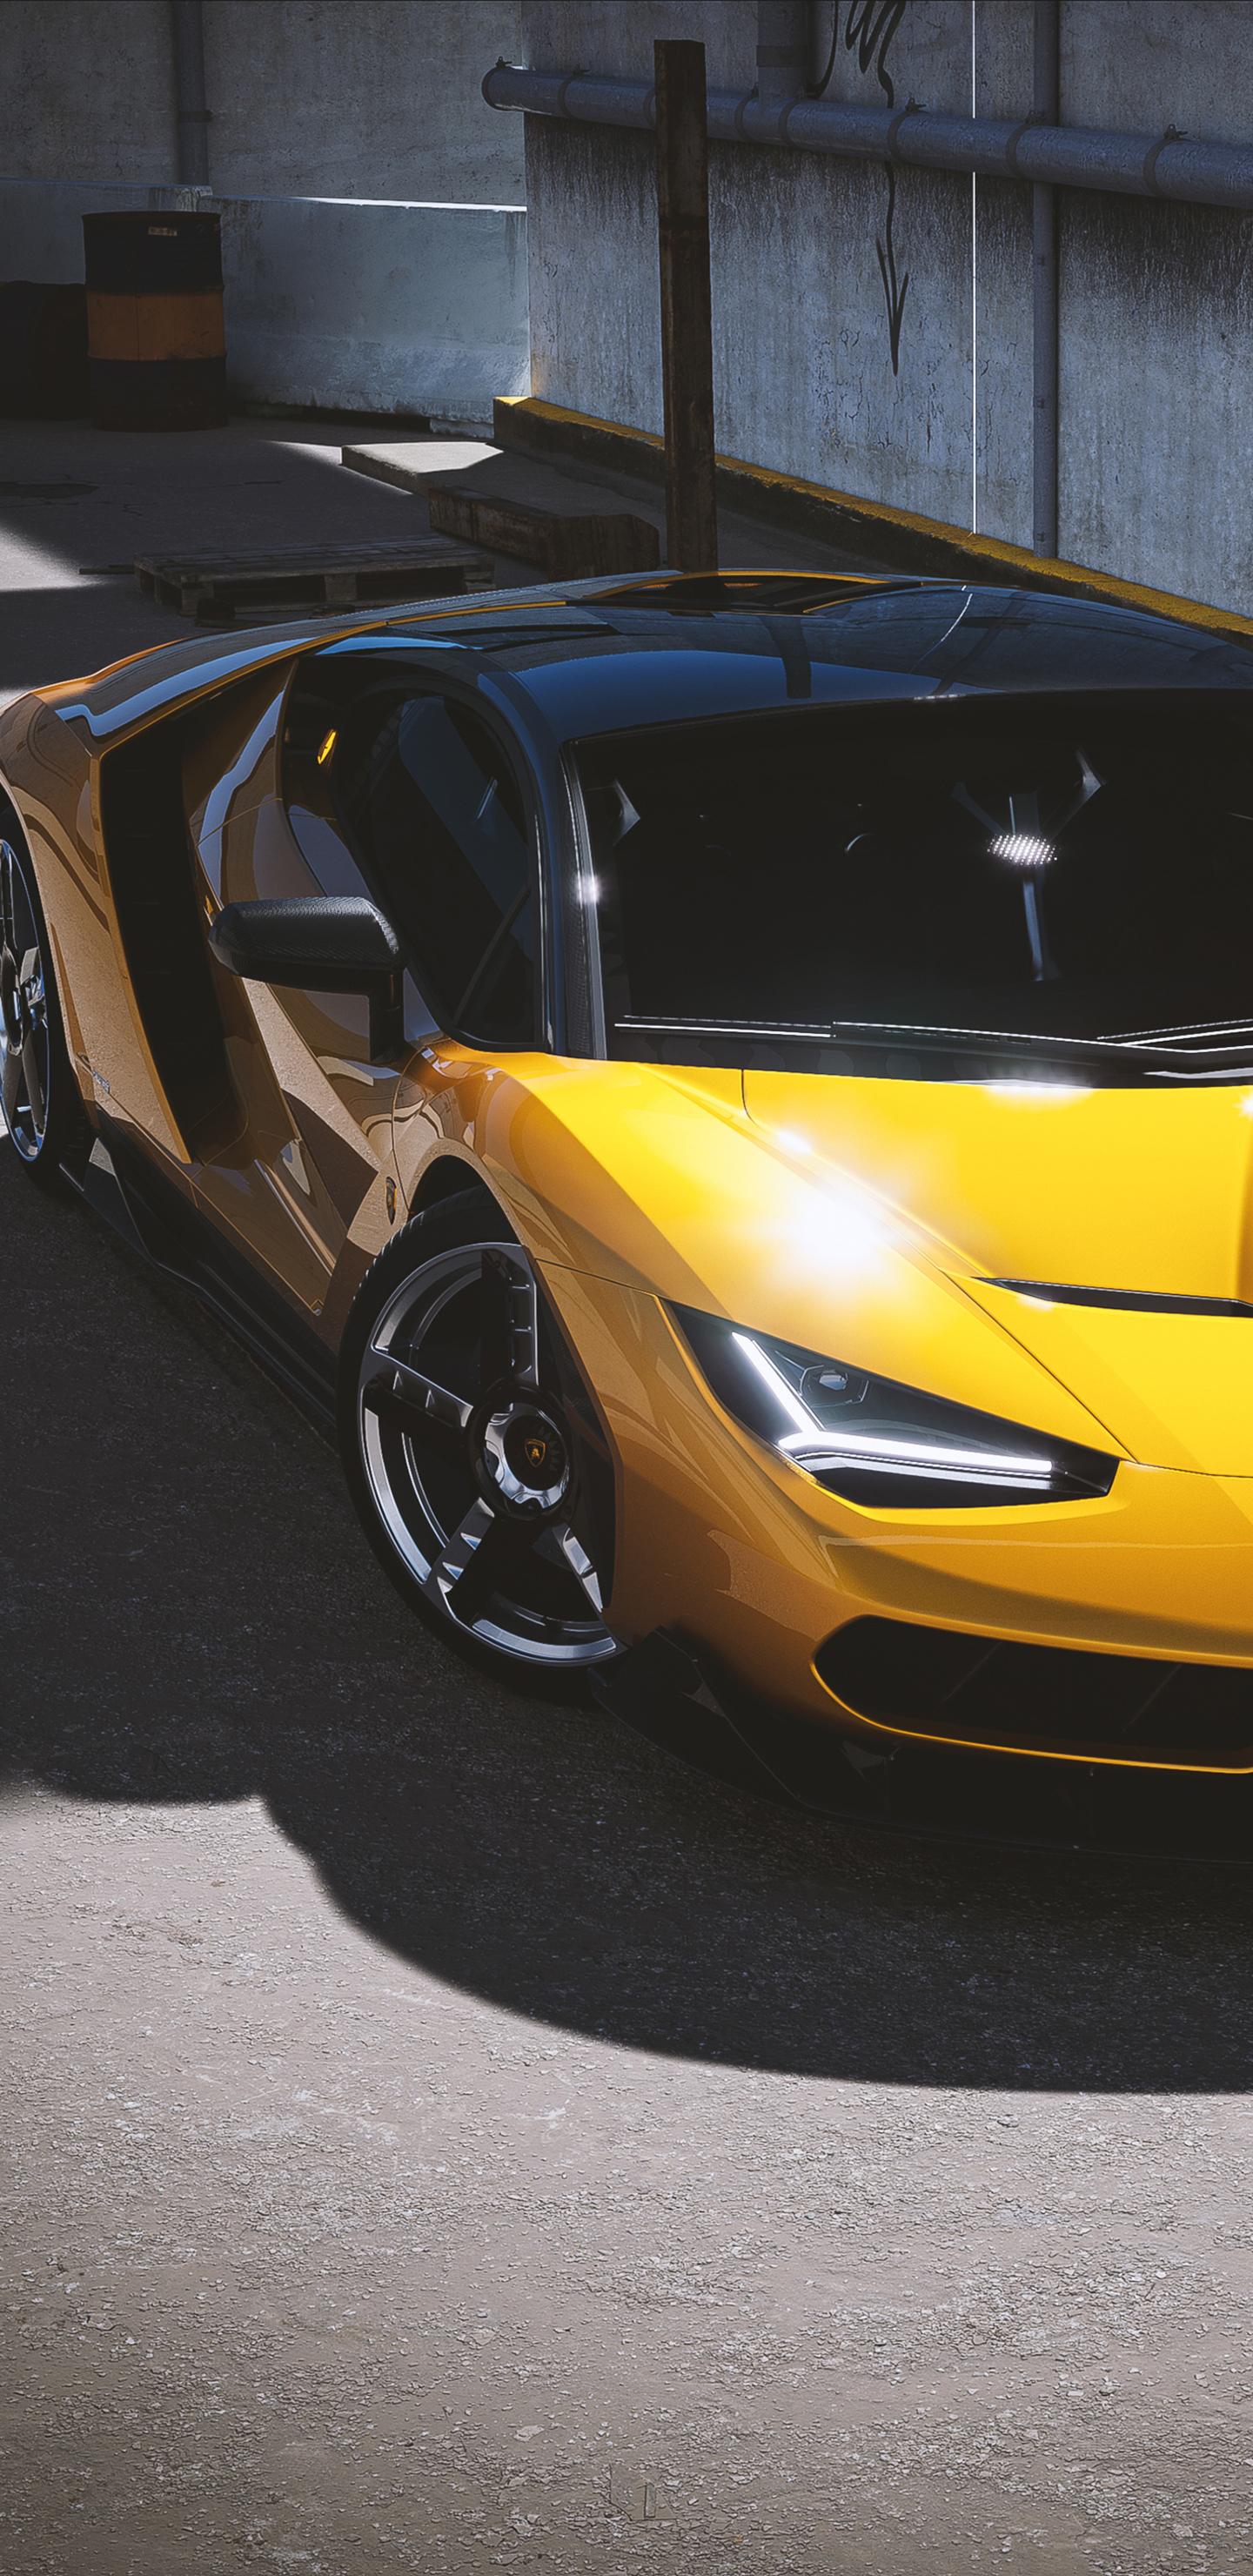 2021-lamborghini-centenario-yellow-cgi-4k-ug.jpg